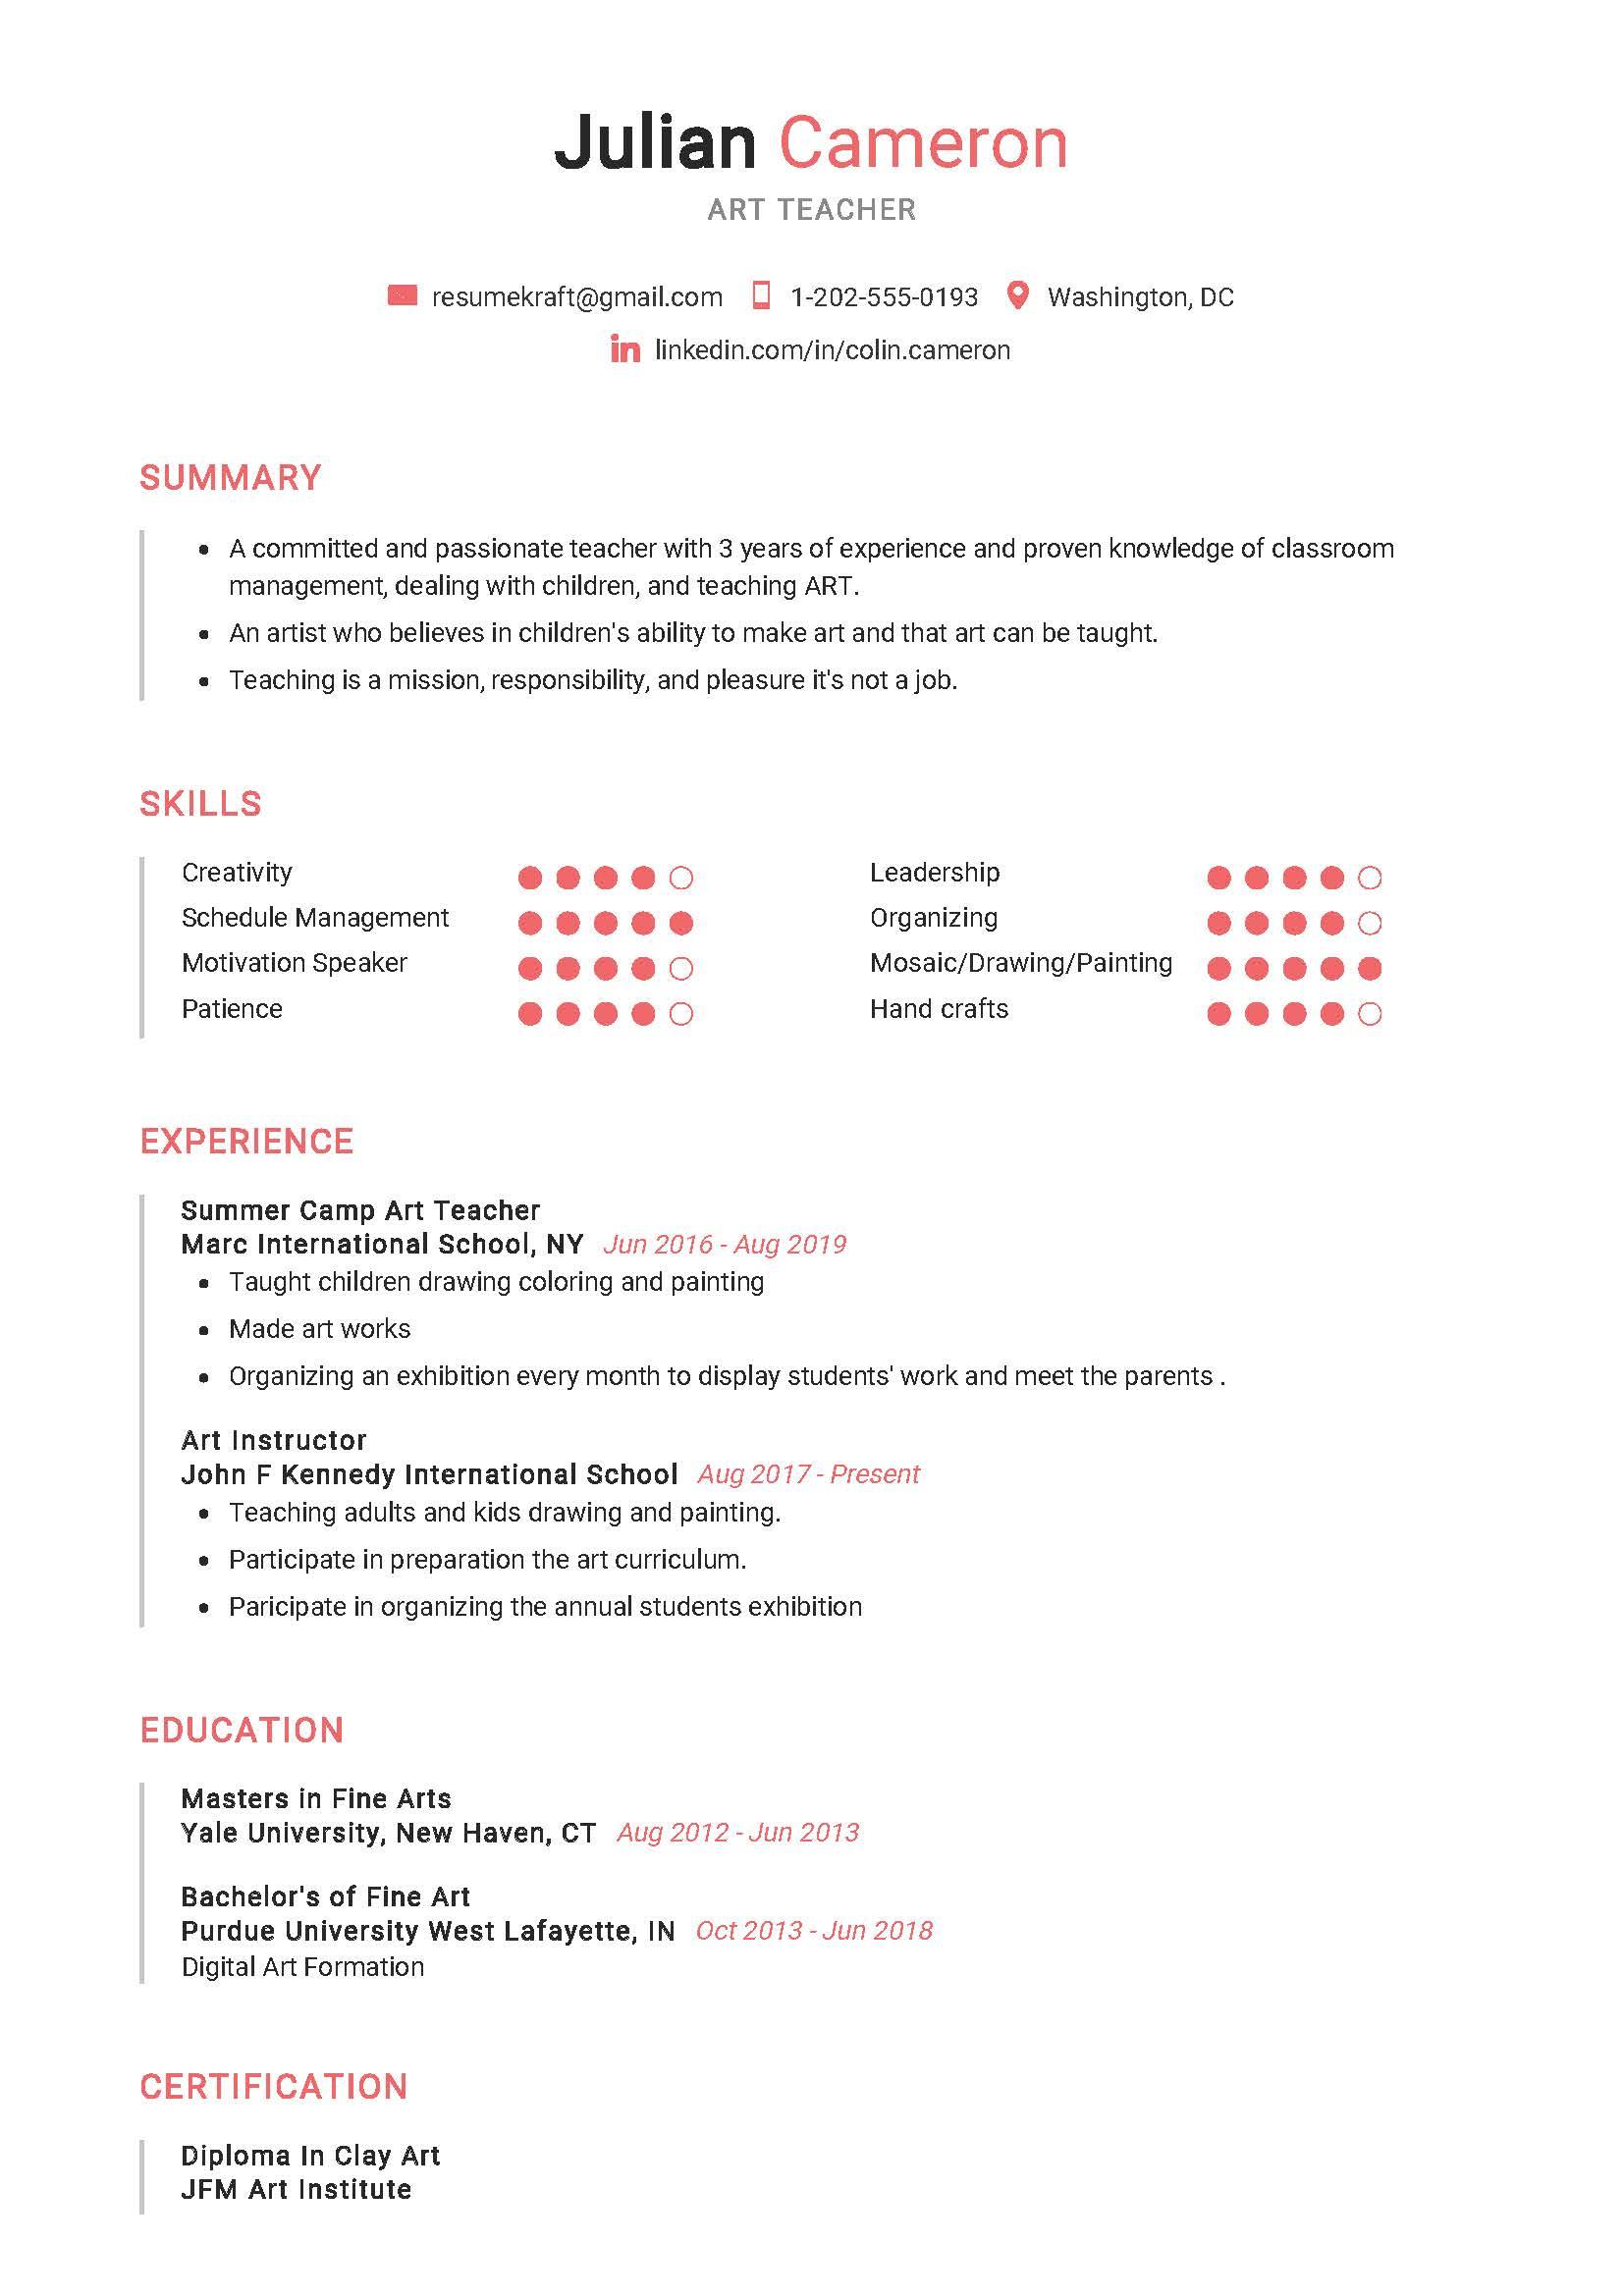 Resume writing service for teachers | blogger.com